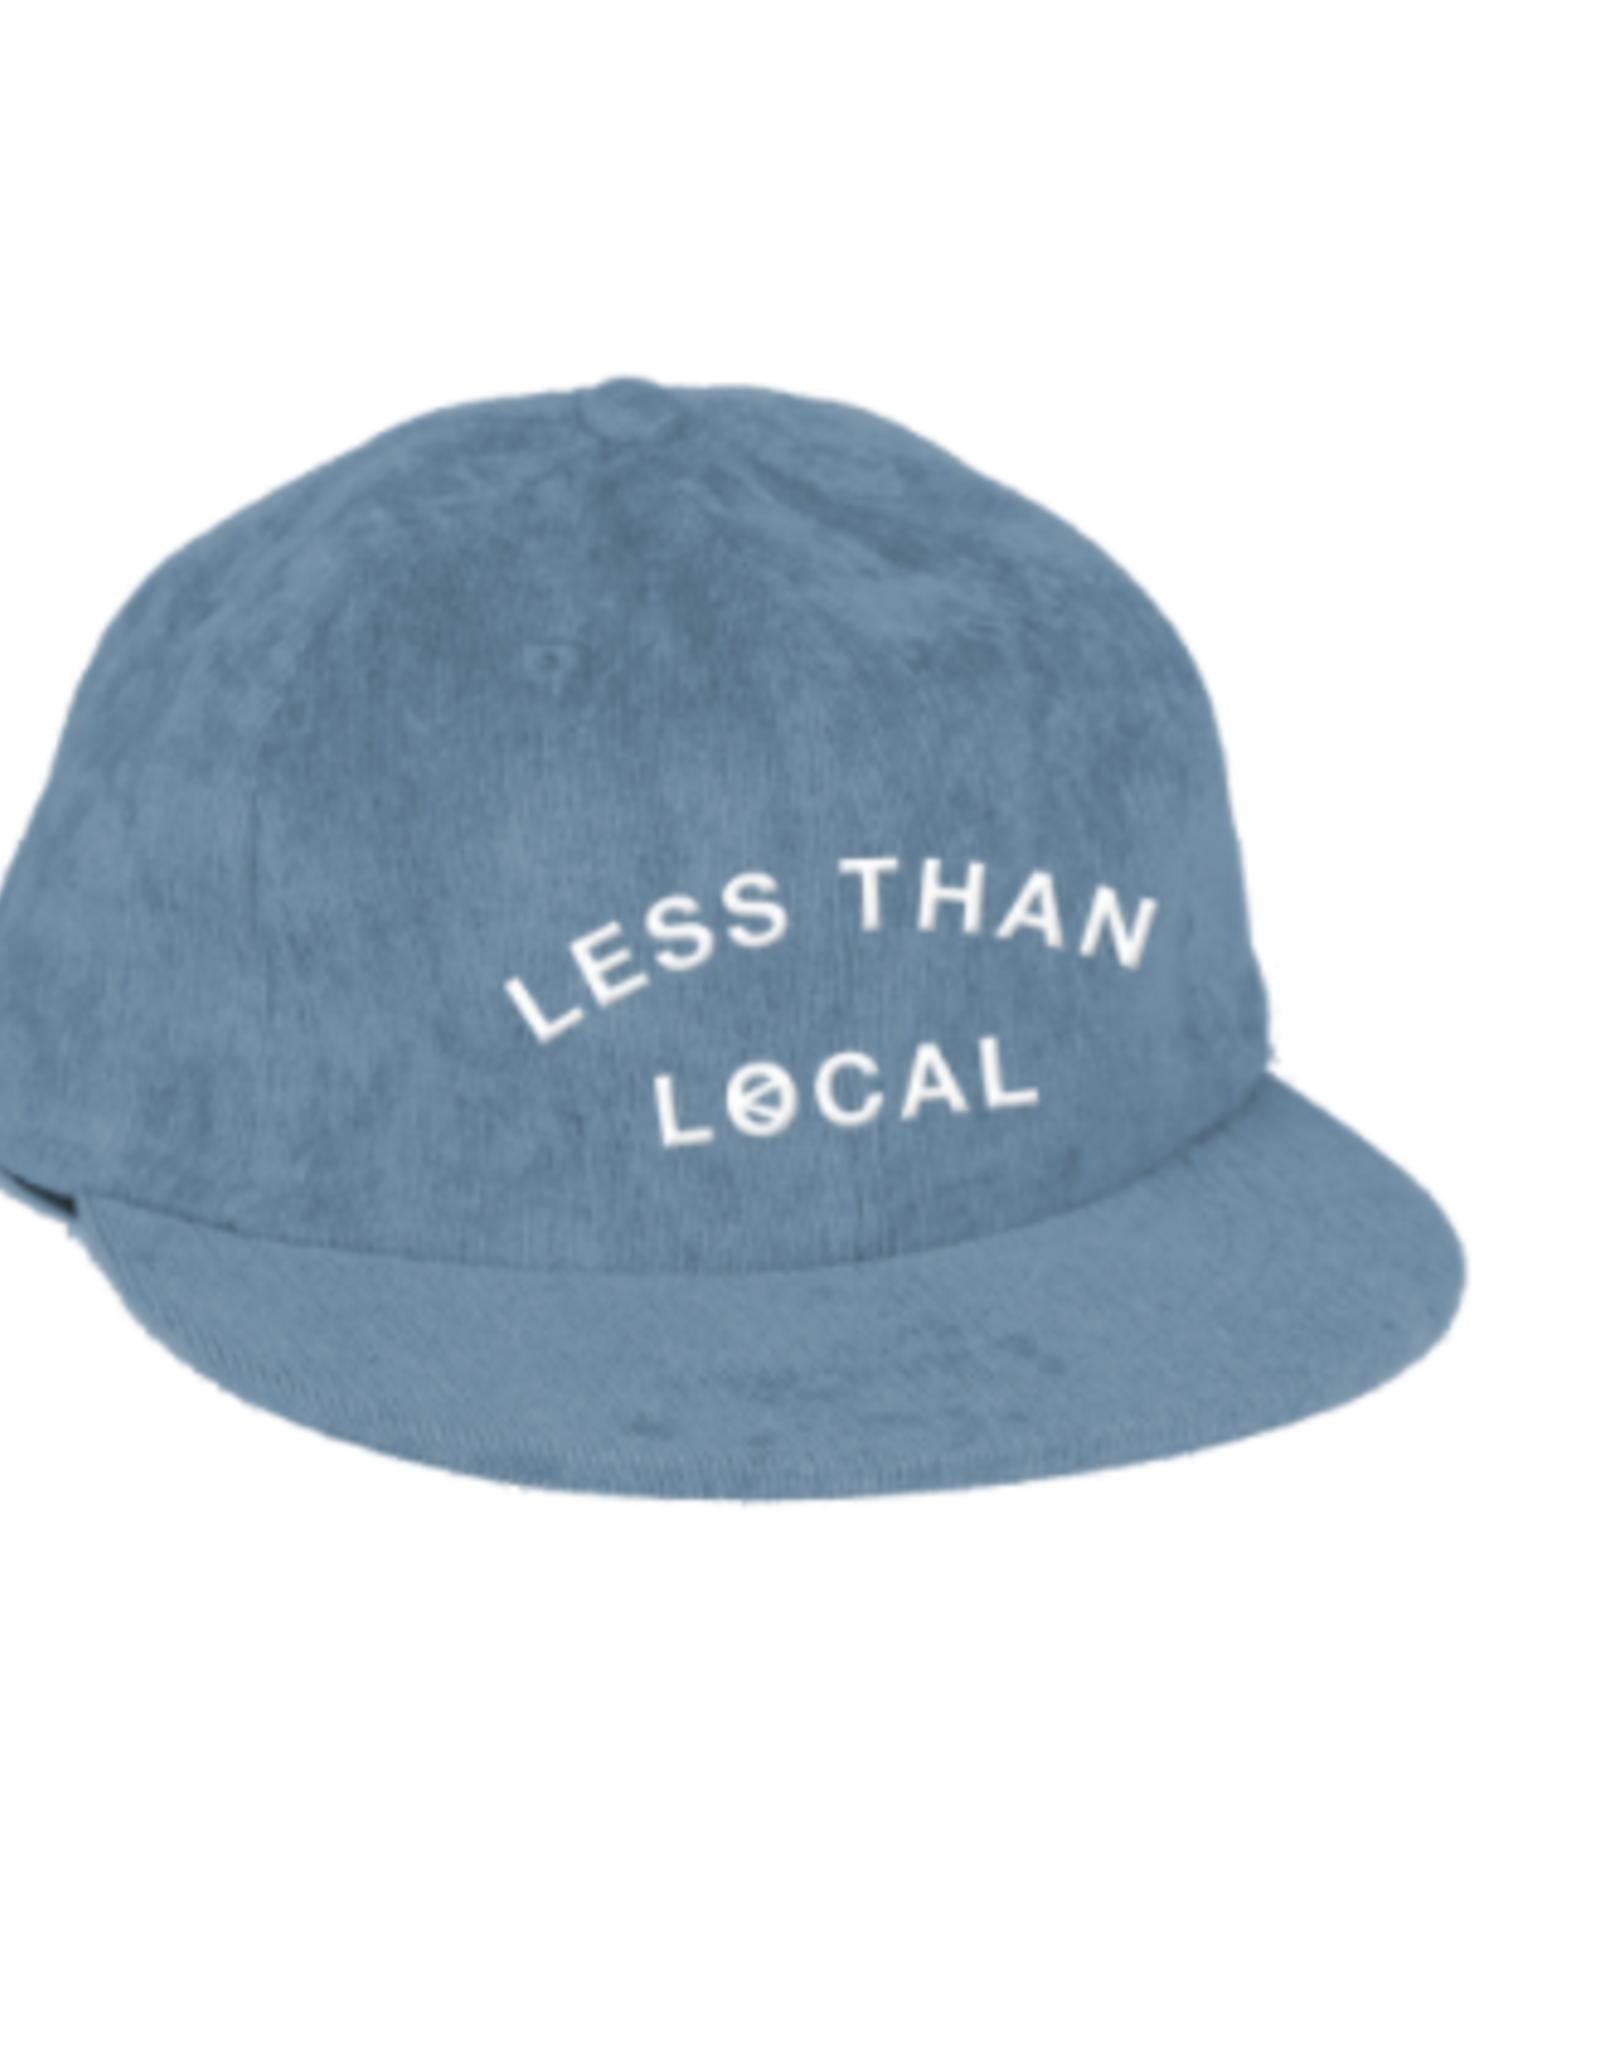 LESS THAN LOCAL LESS THAN LOCAL ARC LOGO BLUE CORD HAT